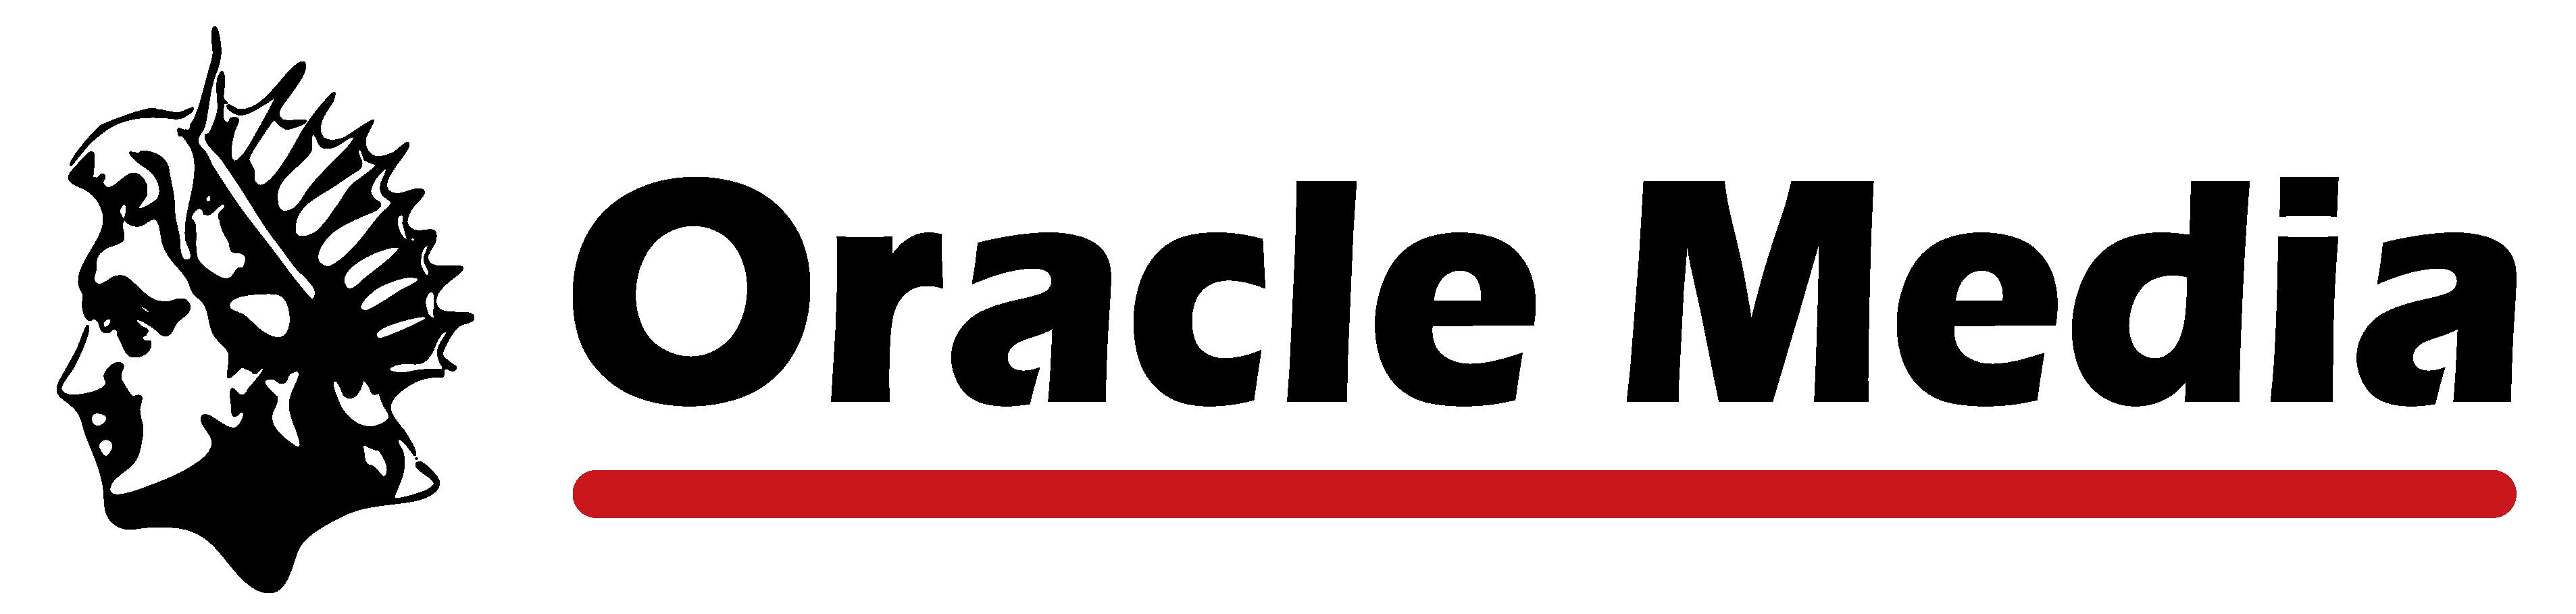 Oracle Media